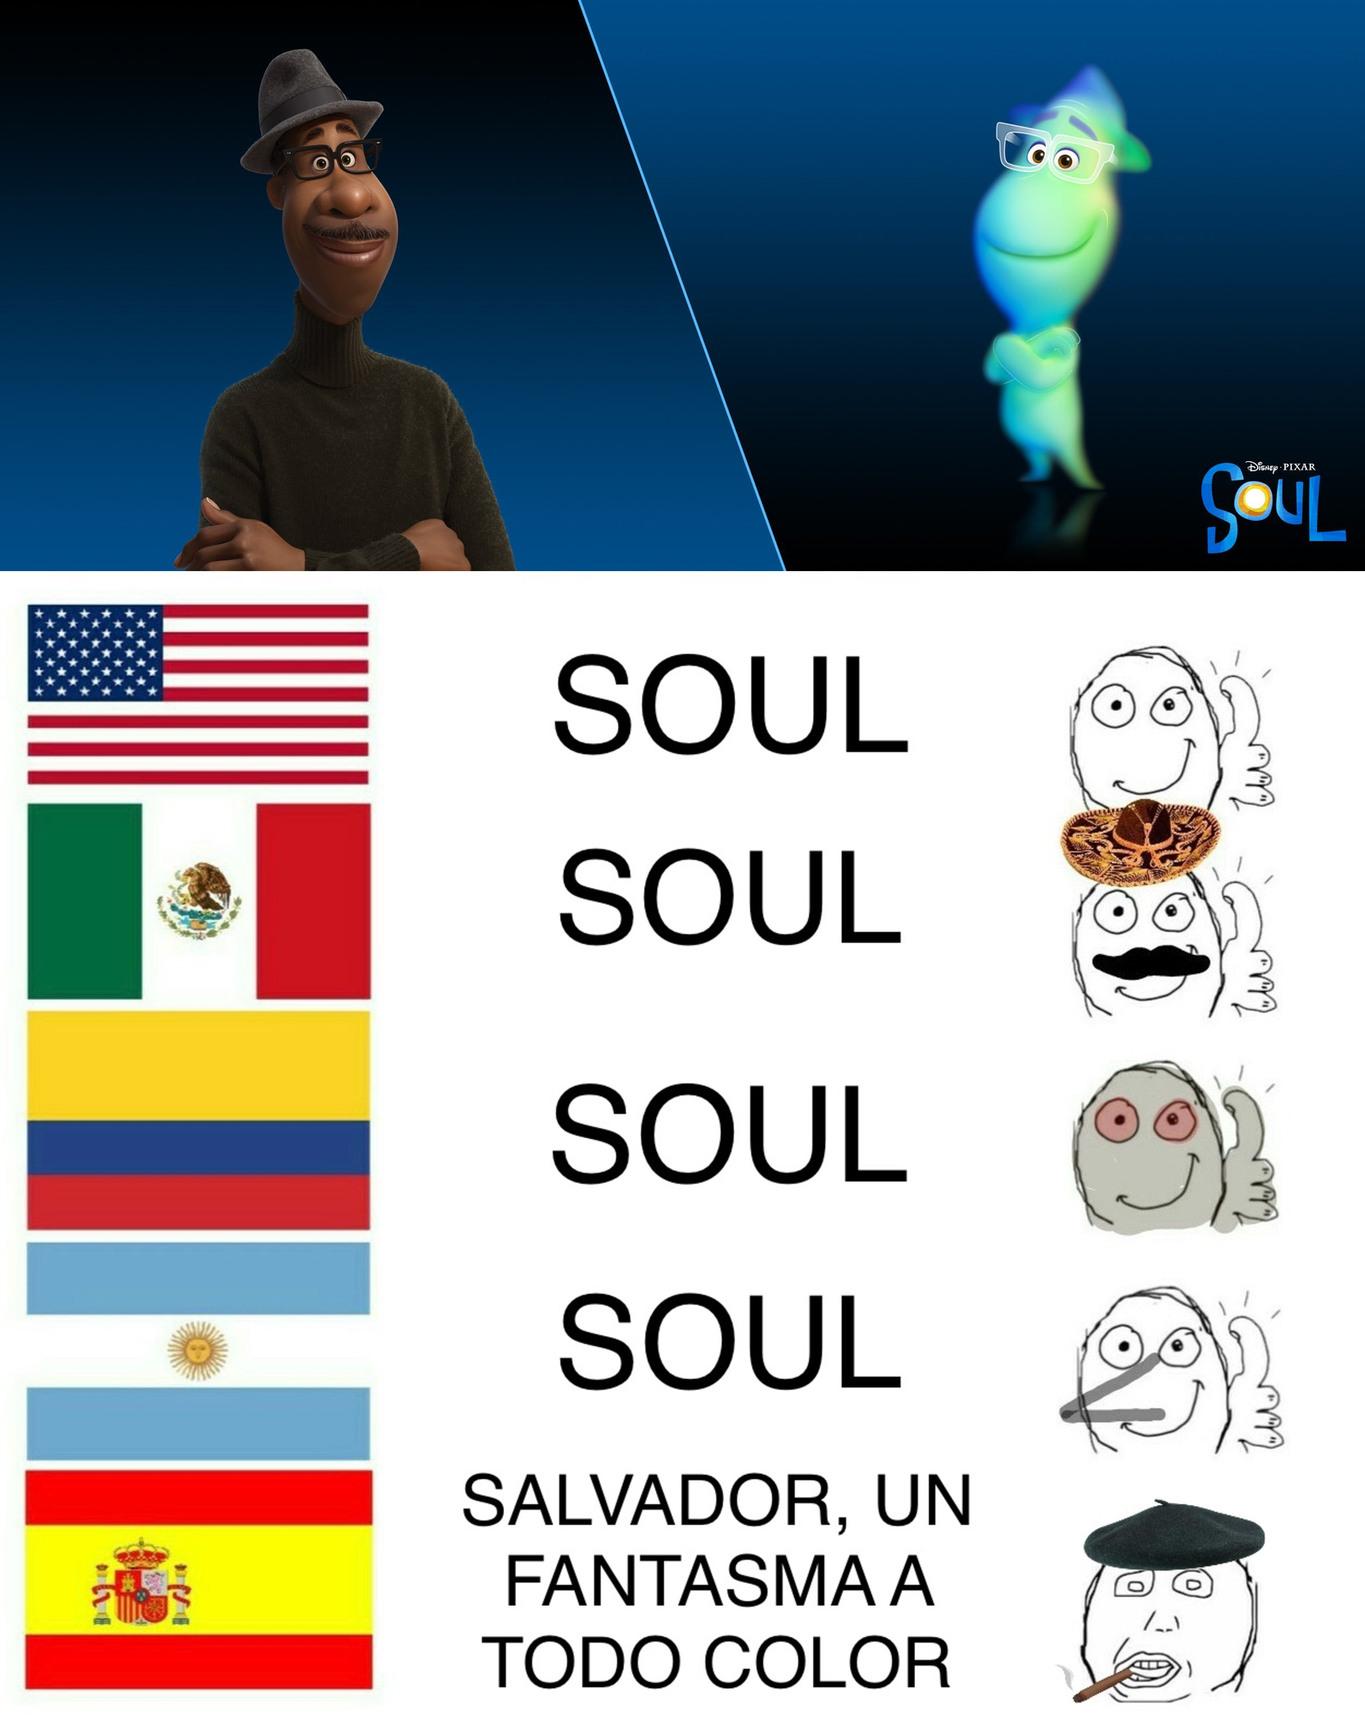 Ay, estos españoles... - meme